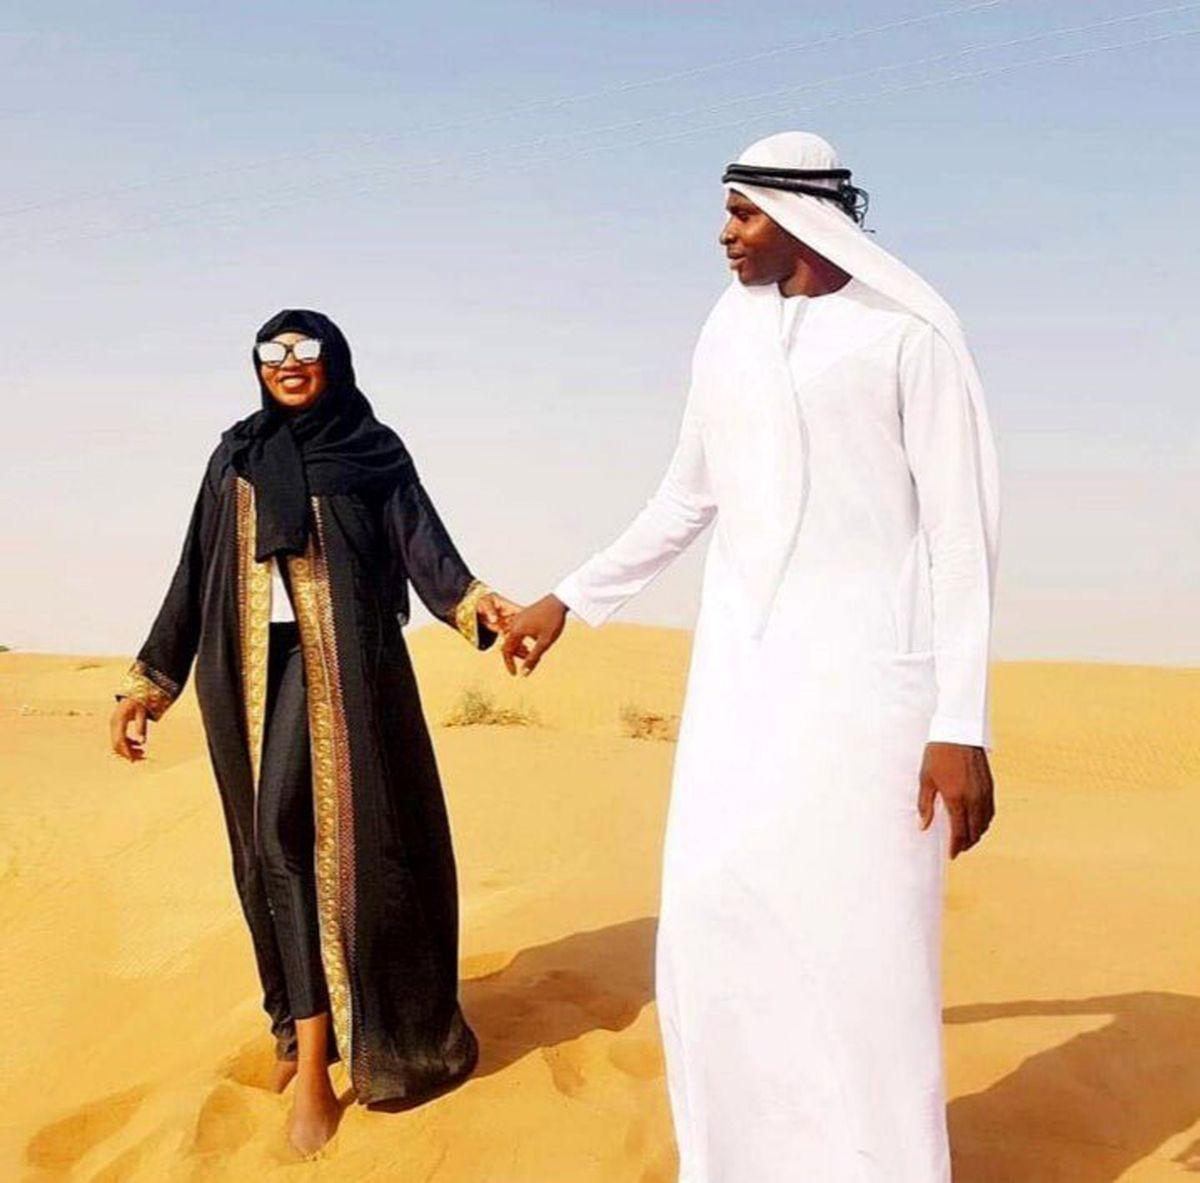 همسر نیمه برهنه شیخ دیاباته + عکس